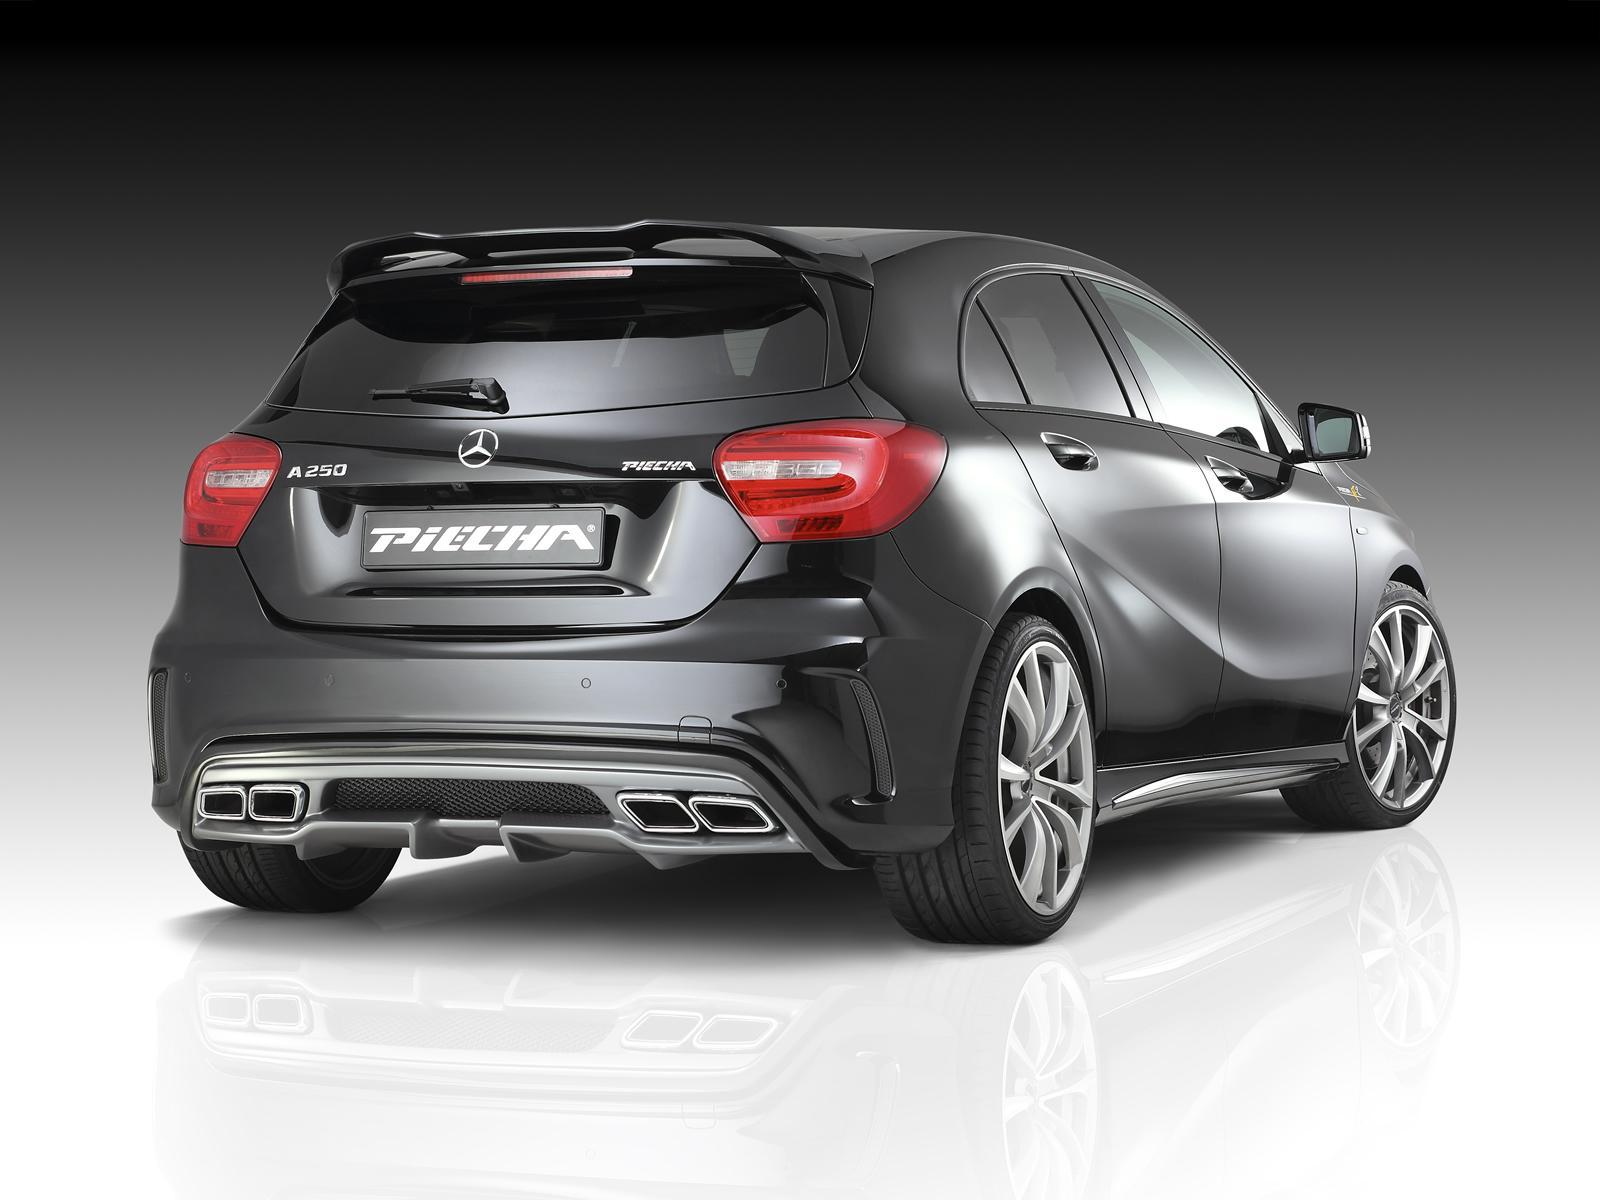 http://www.autoblog.gr/wp-content/uploads/2014/05/Mercedes-Benz-A-Class-AMG-Line-by-Piecha-Design-3.jpg